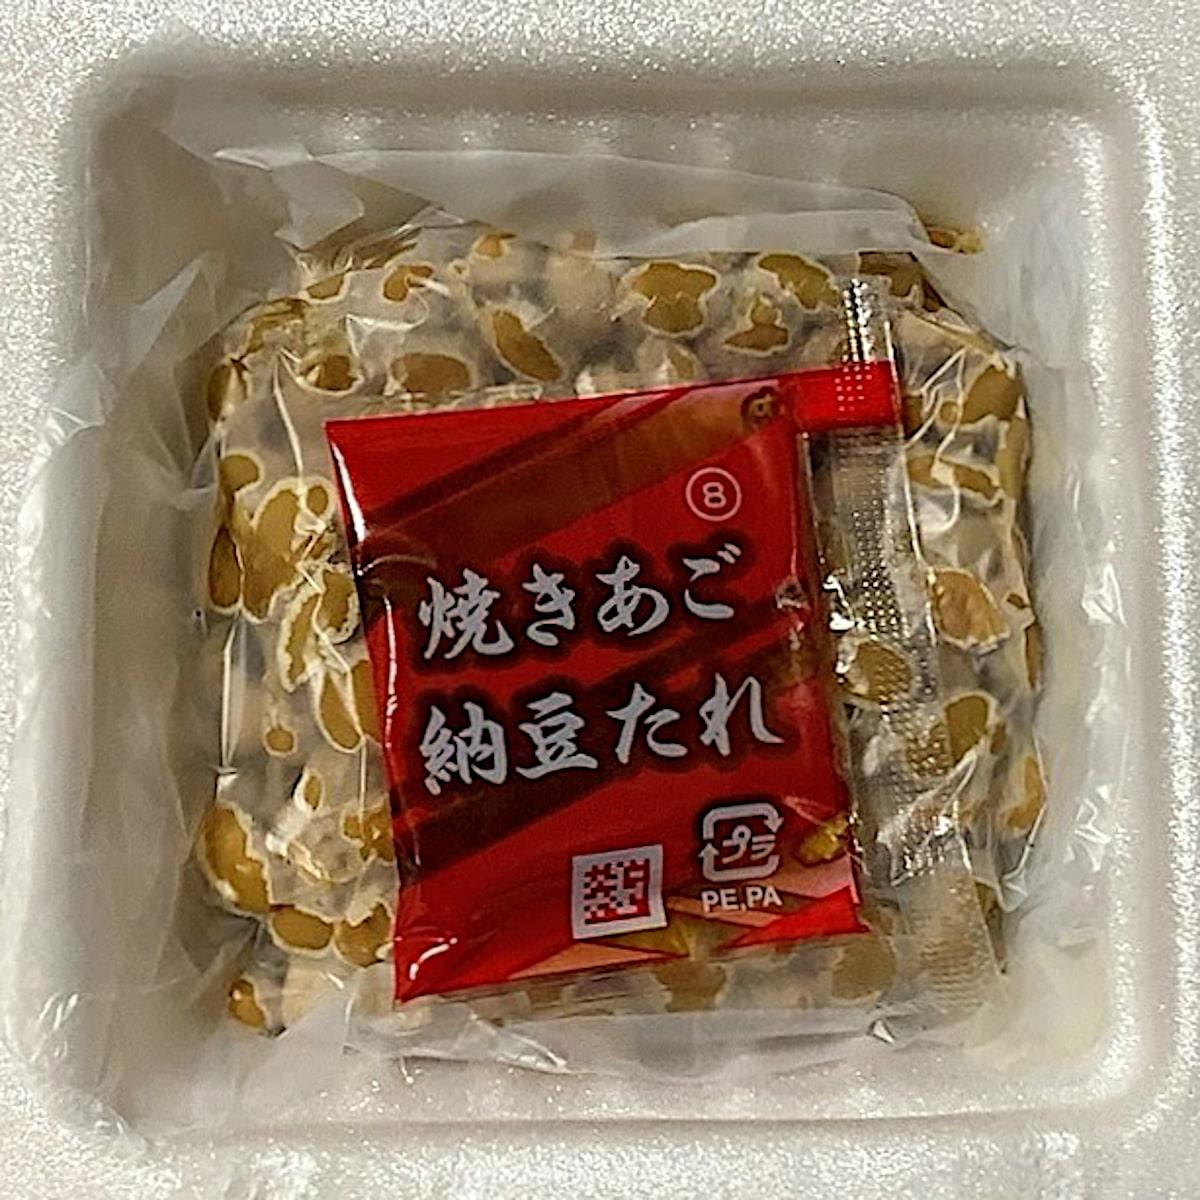 「焼きあごだれ納豆」の容器の中の画像